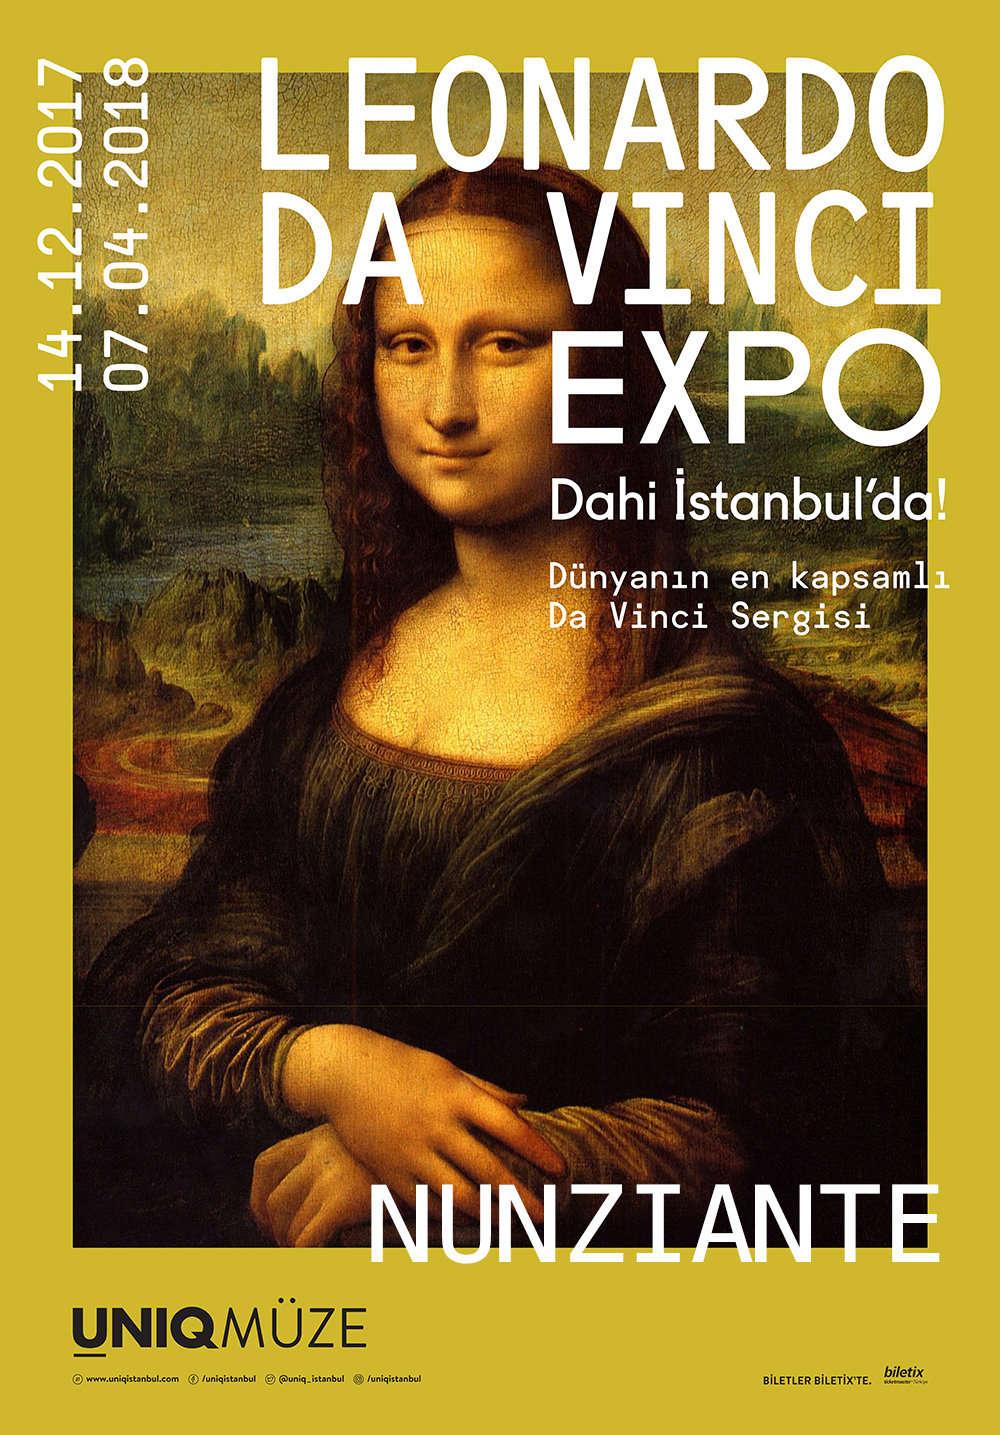 LEONARDO - NUNZIANTE, UNIQ Gallery - Istanbul 14/12/17-07/04/18 4fd9aa10